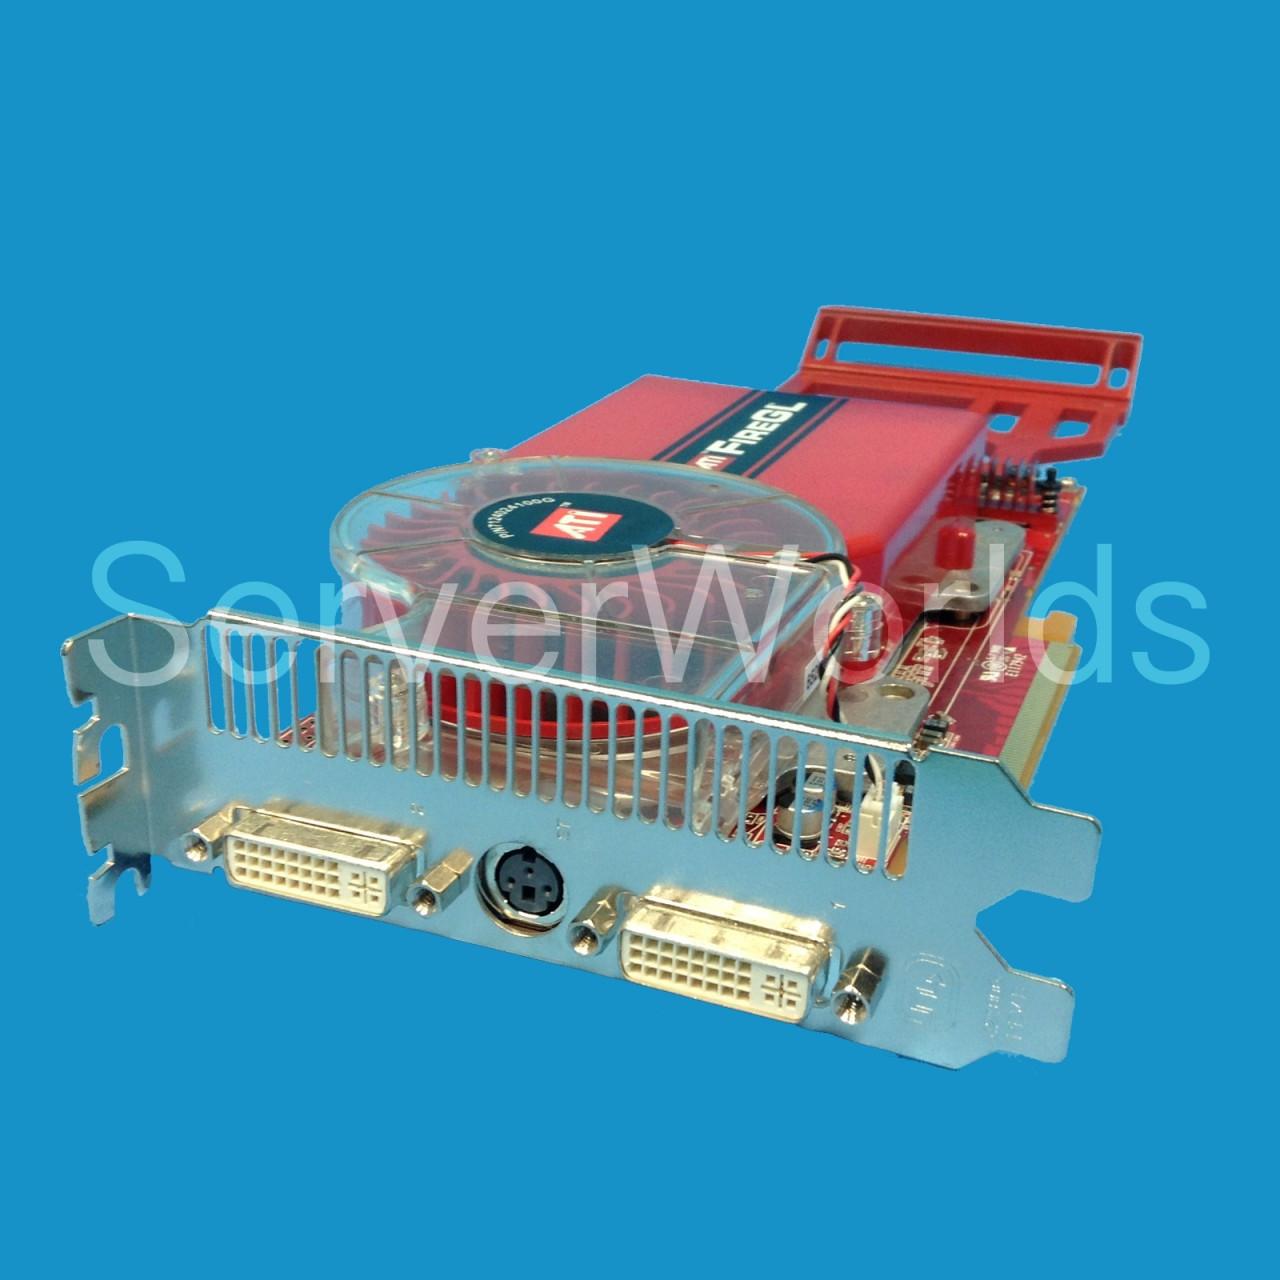 Drivers Dell Precision 690 ATI FireGL V7200 Graphics